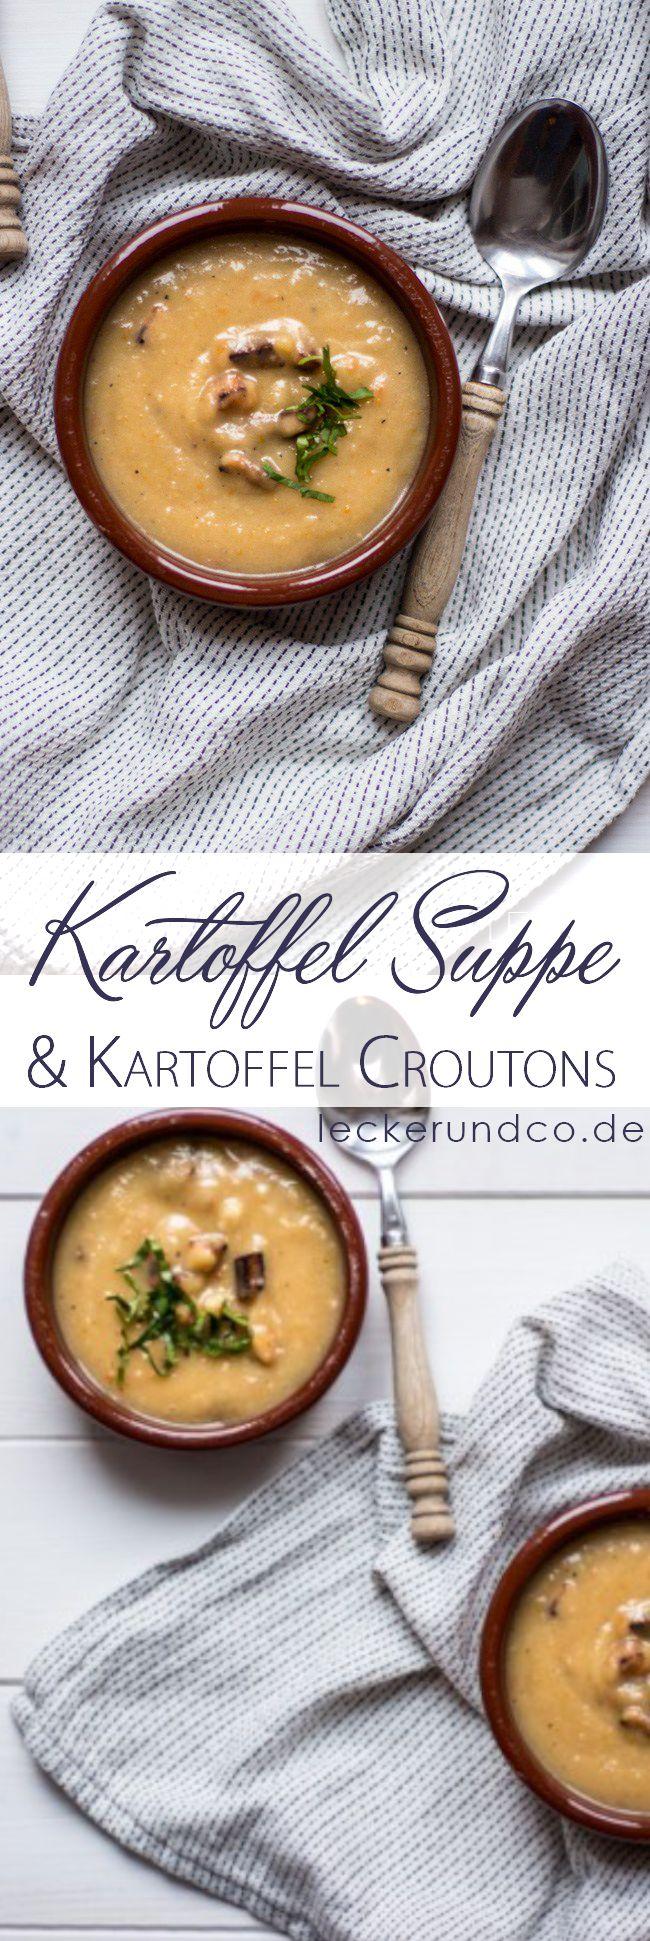 Kartoffelsuppe mit Kartoffel Croutons